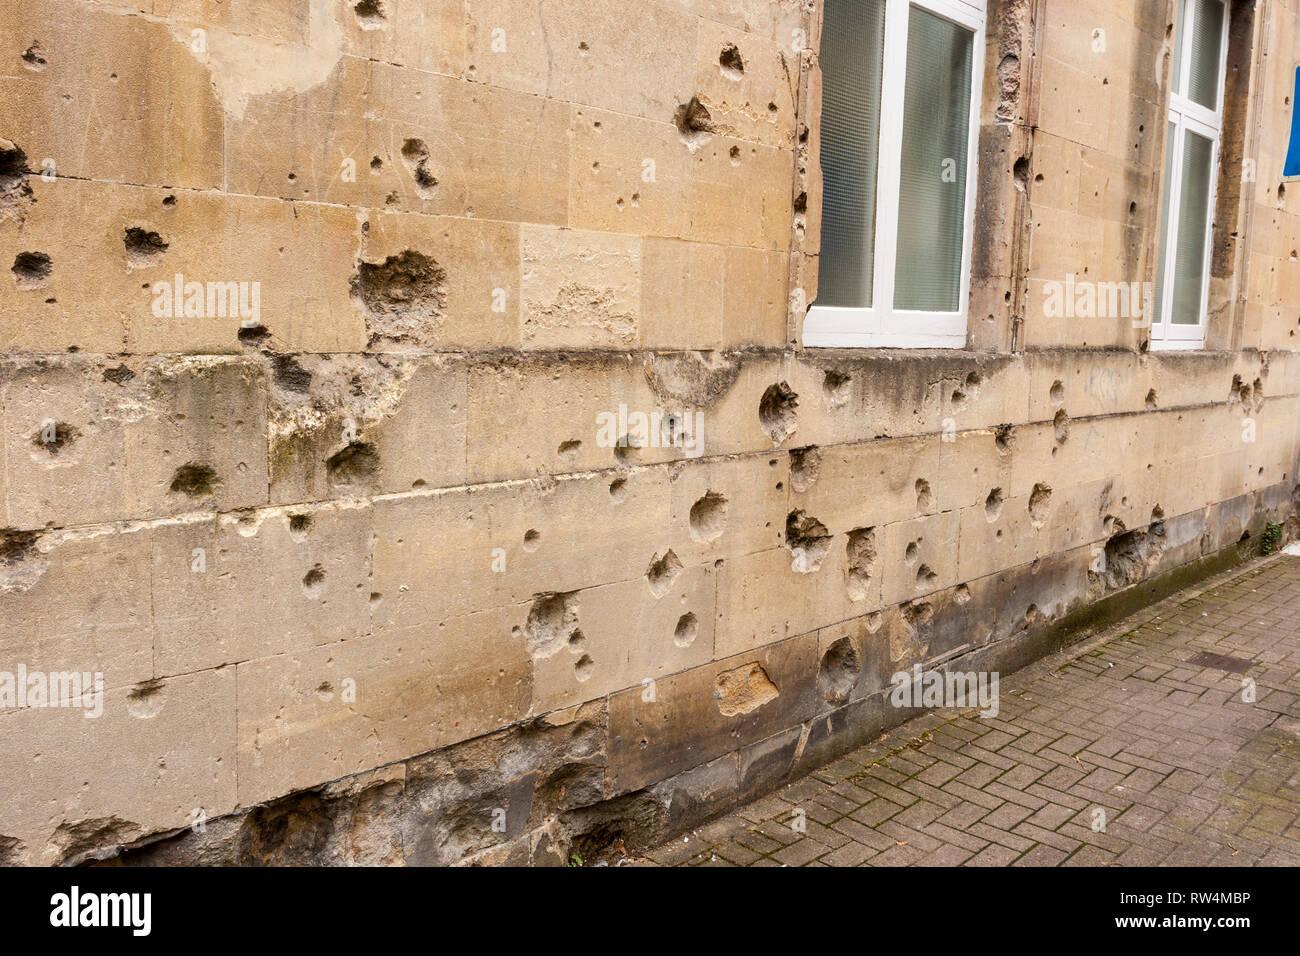 Bombe aus dem Zweiten Weltkrieg schrapnell Schaden von 1942 an der Außenseite eines Gebäudes in der Badewanne, N.E. Somerset, England, Großbritannien Stockbild